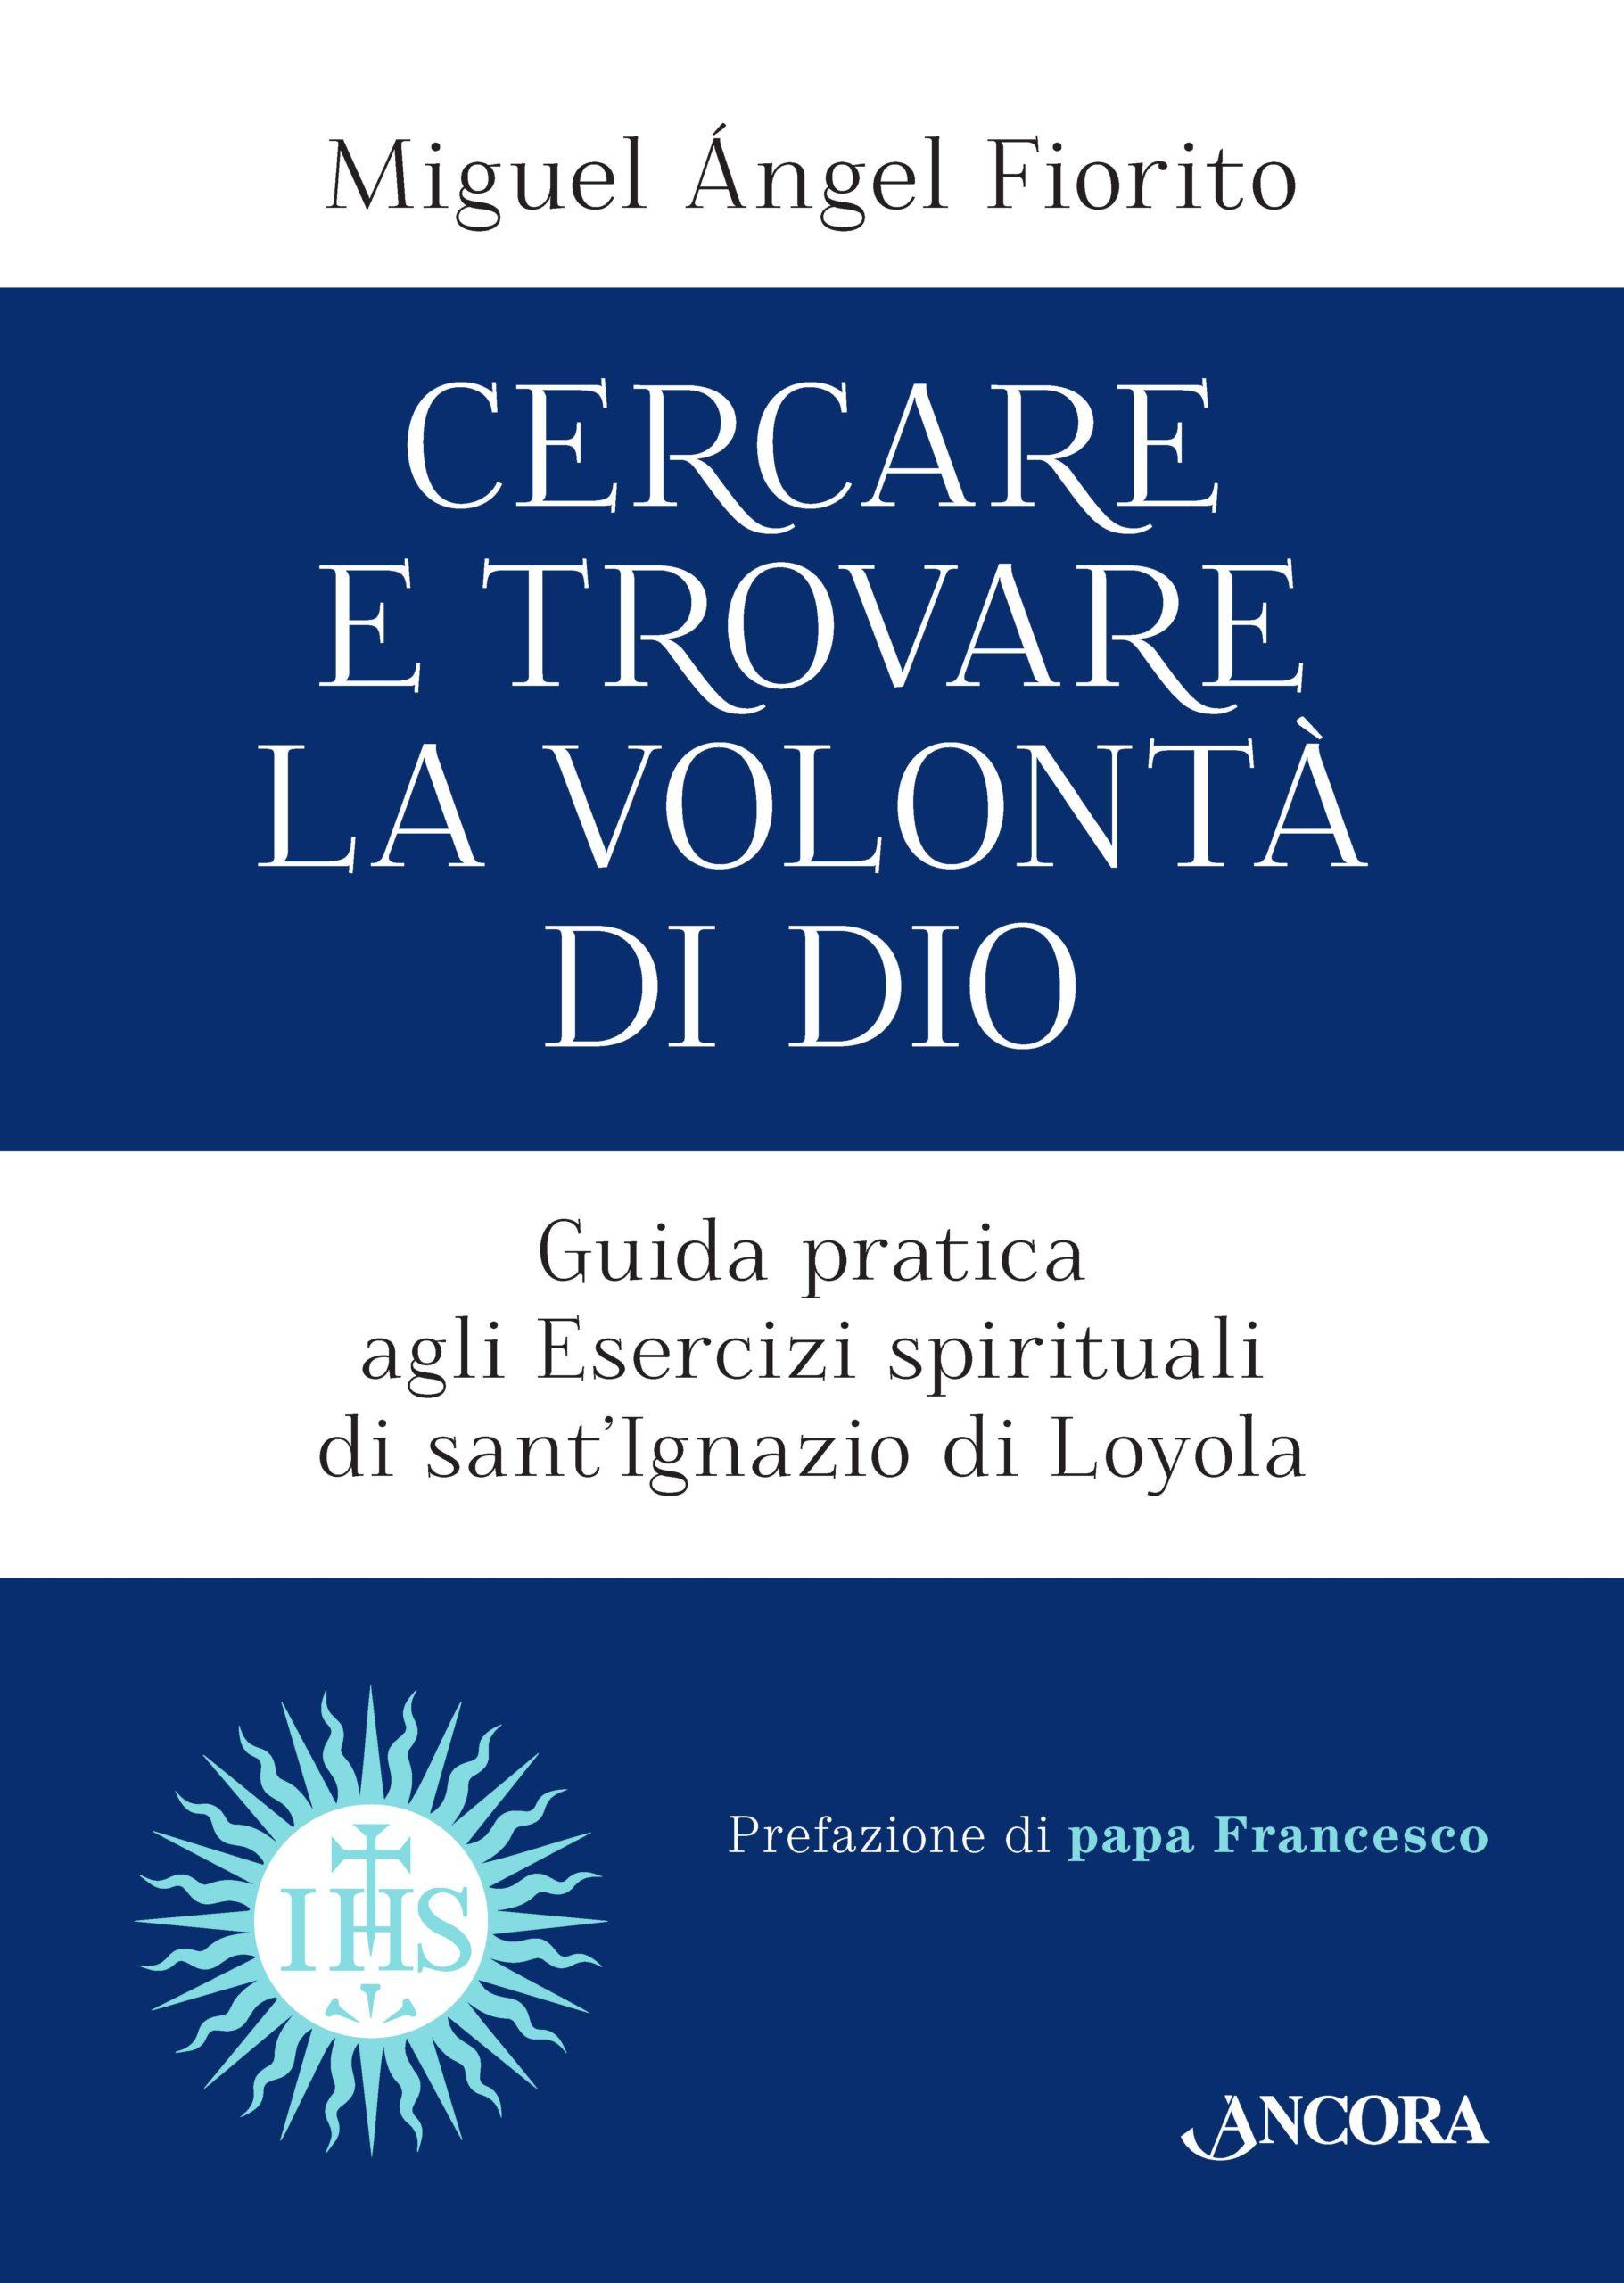 CERCARE E TROVARE LA VOLONTÀ DI DIO. Guida pratica agli Esercizi spirituali di sant'Ignazio di Loyola